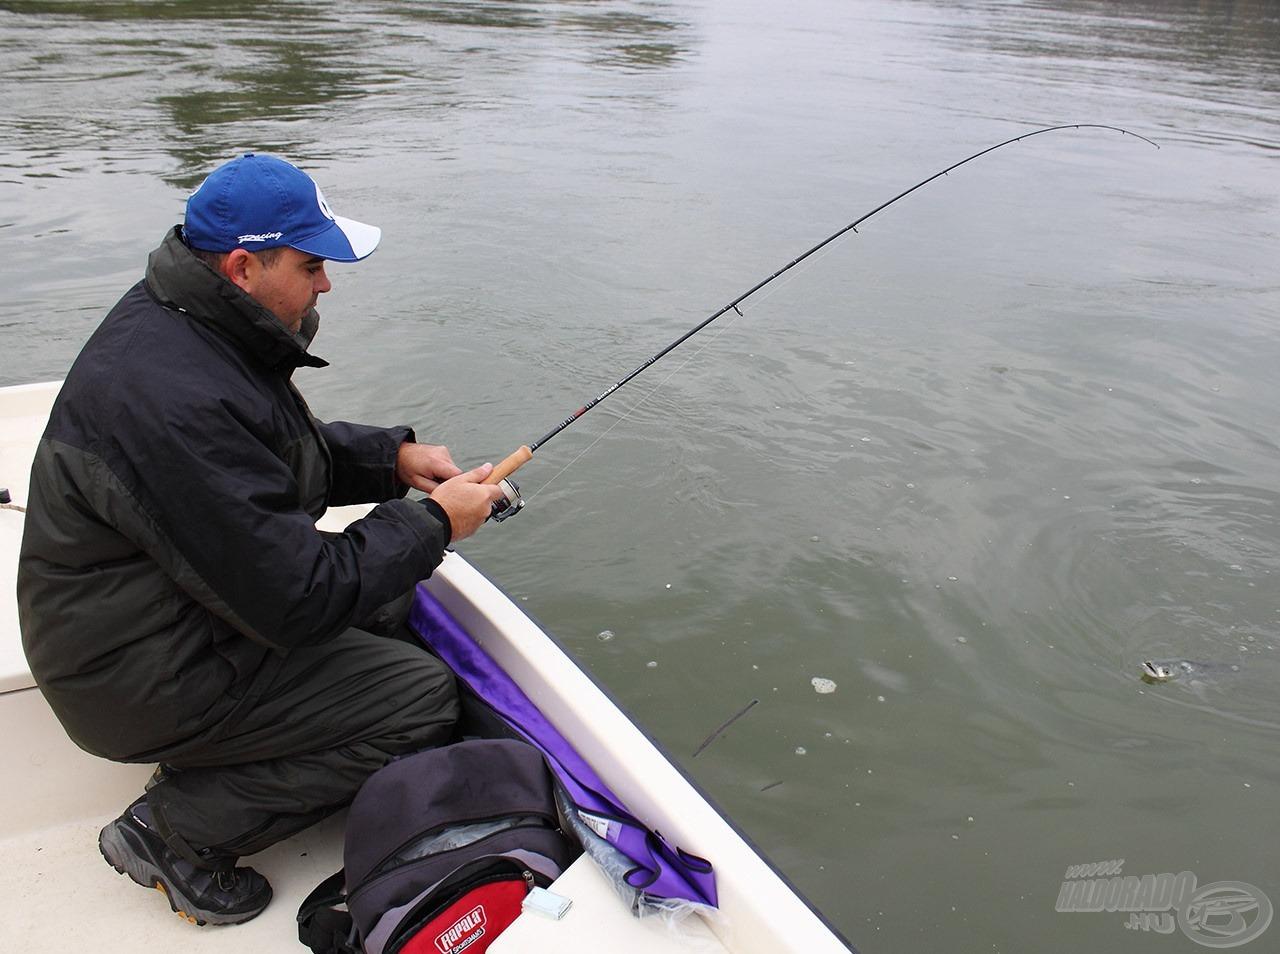 Sanyi és a hala… felhívnám a figyelmet arra a szééép színű botzsákra! :D